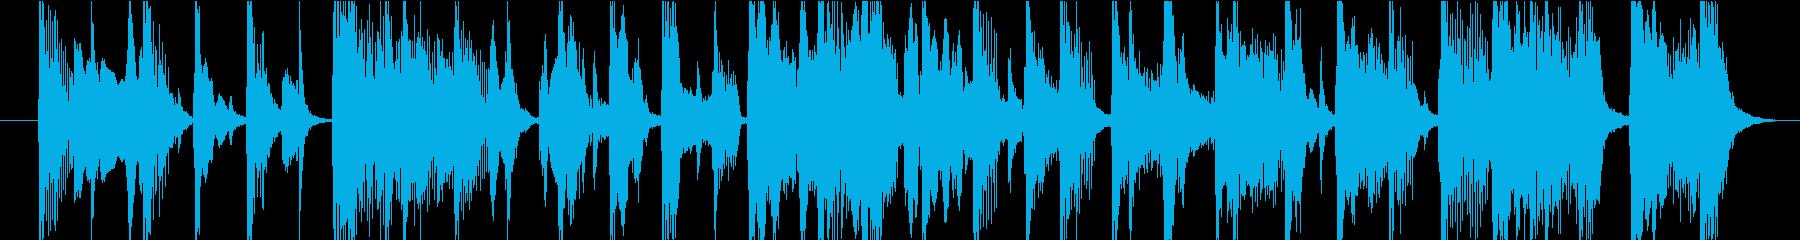 15秒CMサイズの7 ご陽気な曲です。の再生済みの波形